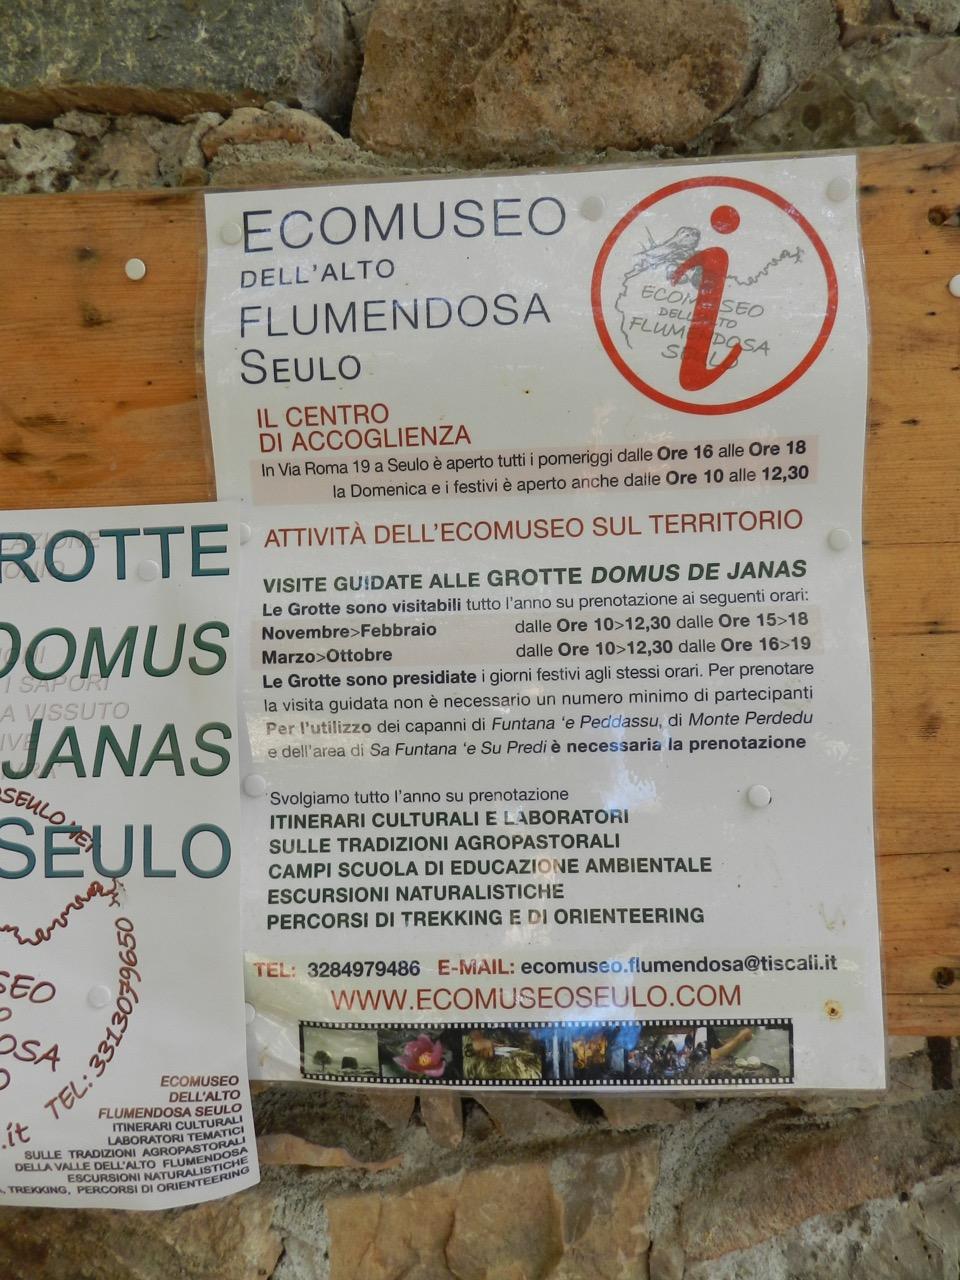 Öffnungszeiten / Exkursionen Ecomuseo